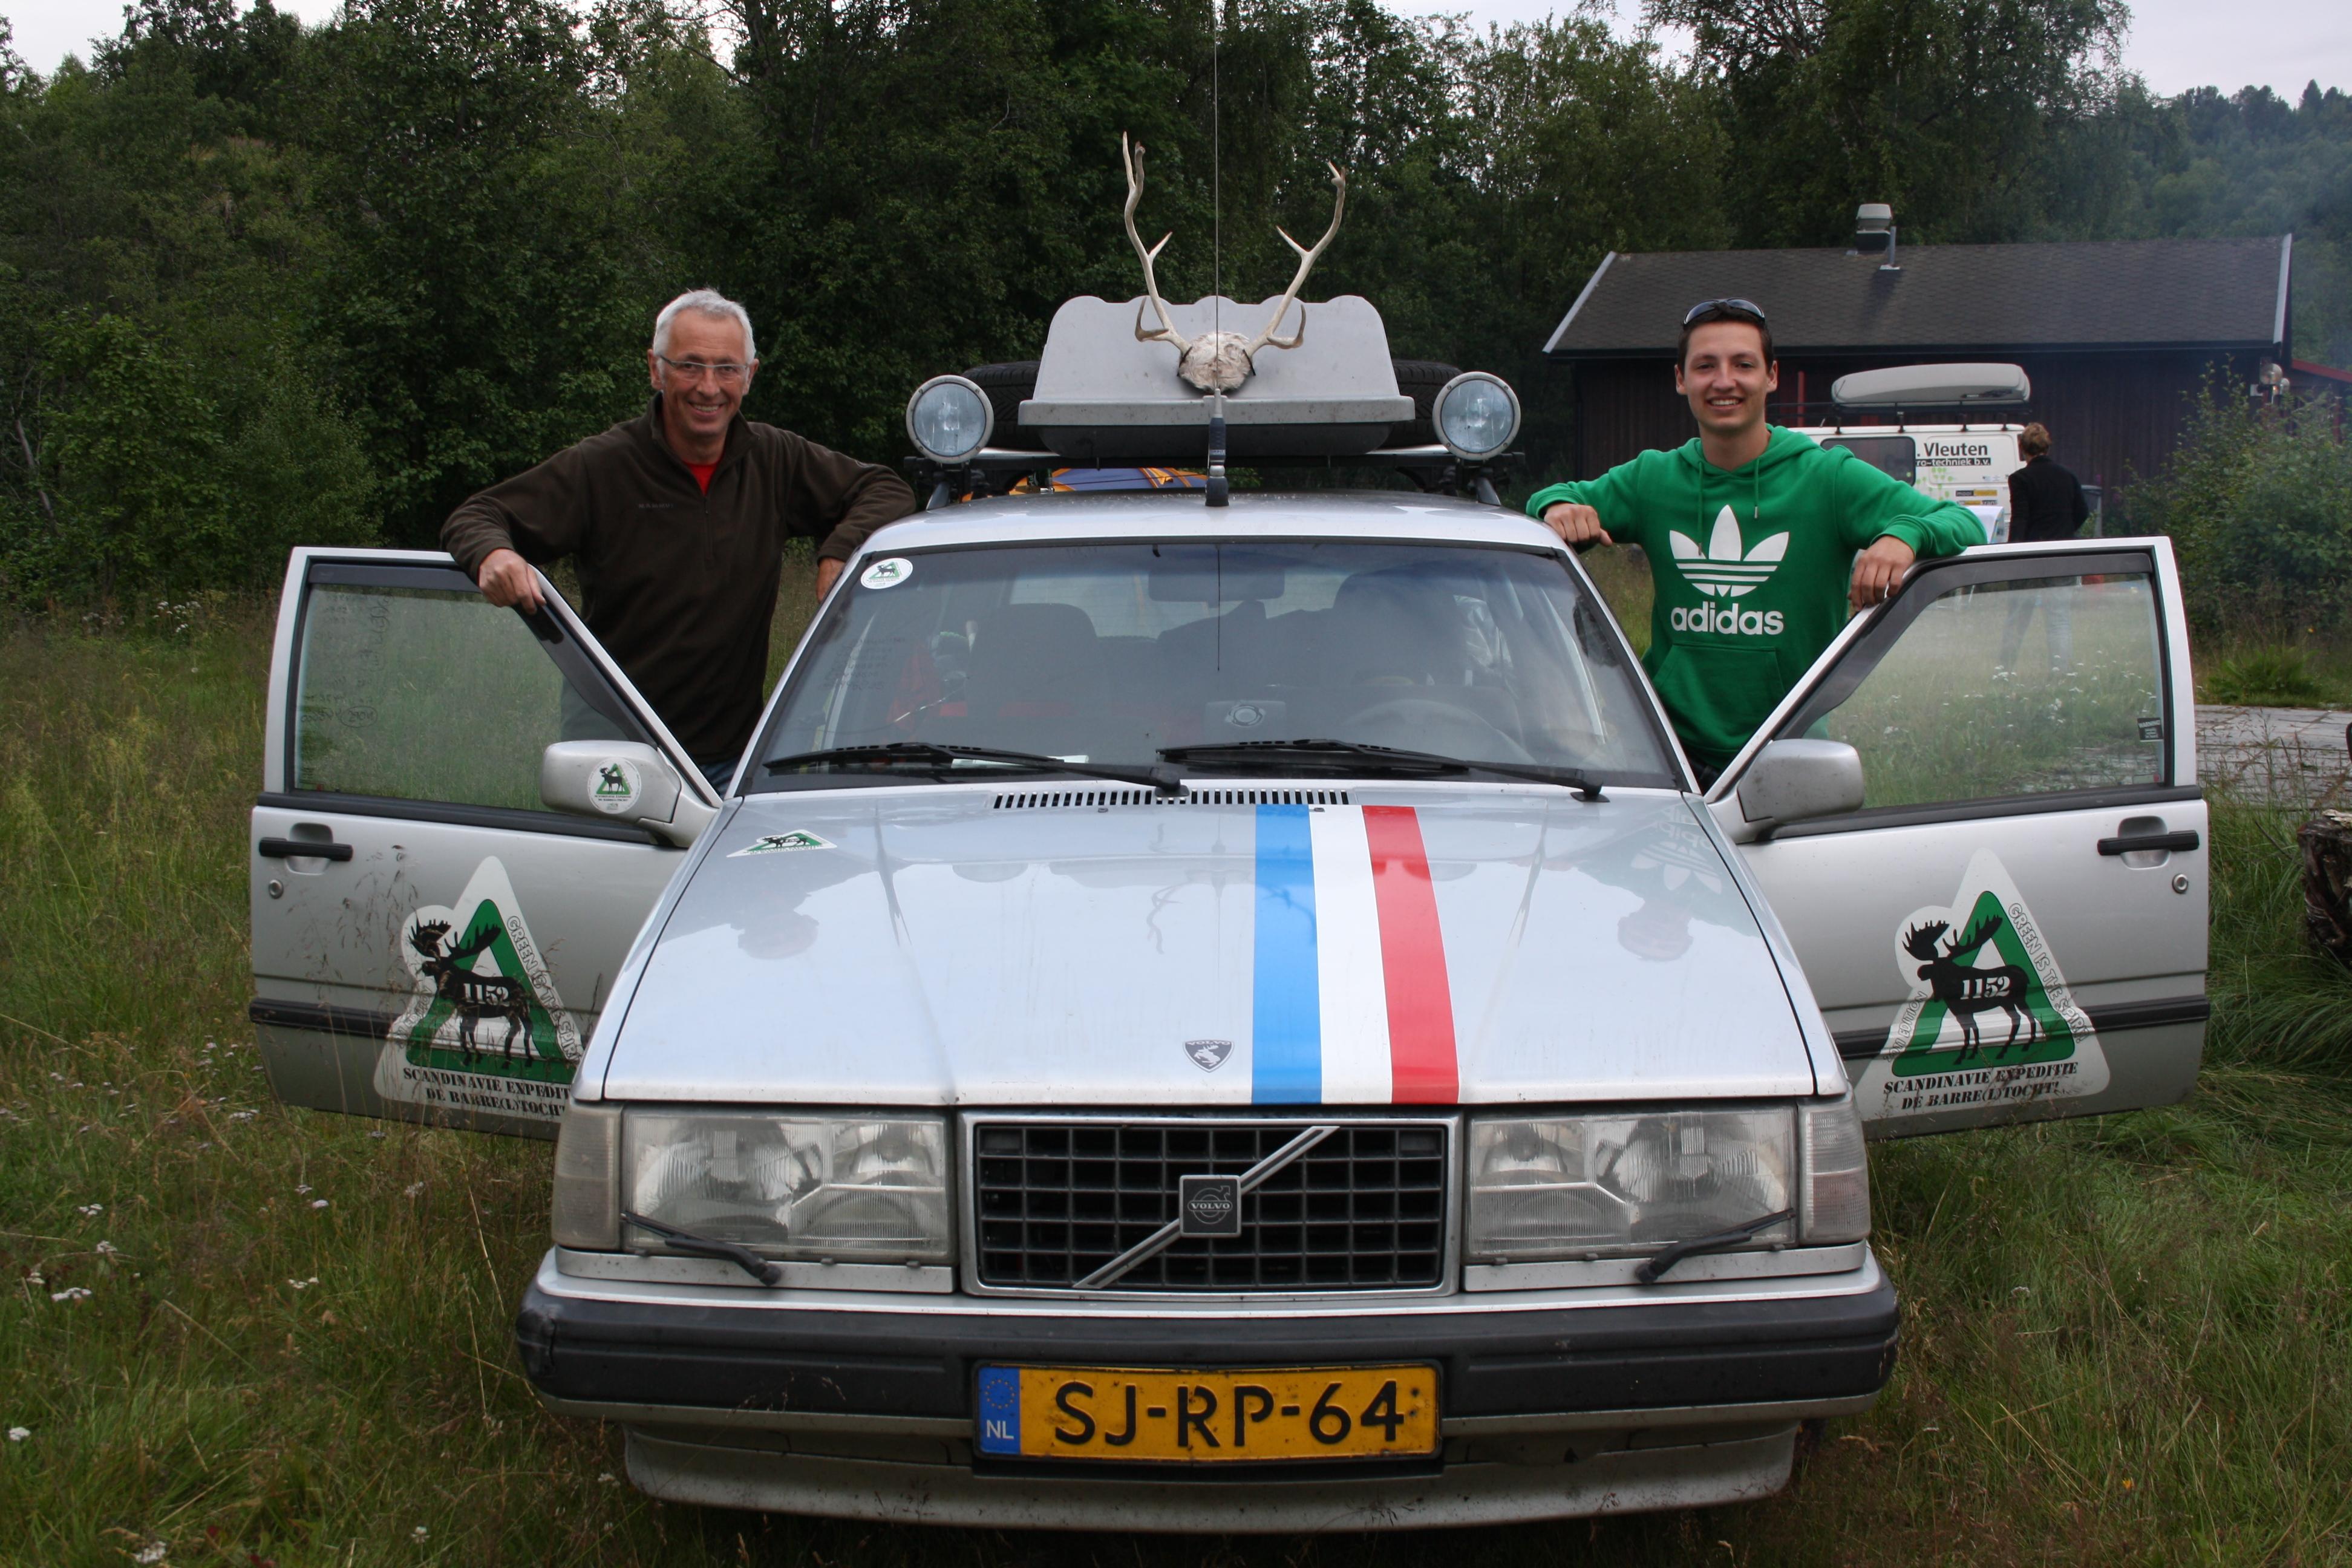 Scandinavie Expeditie, team 1150